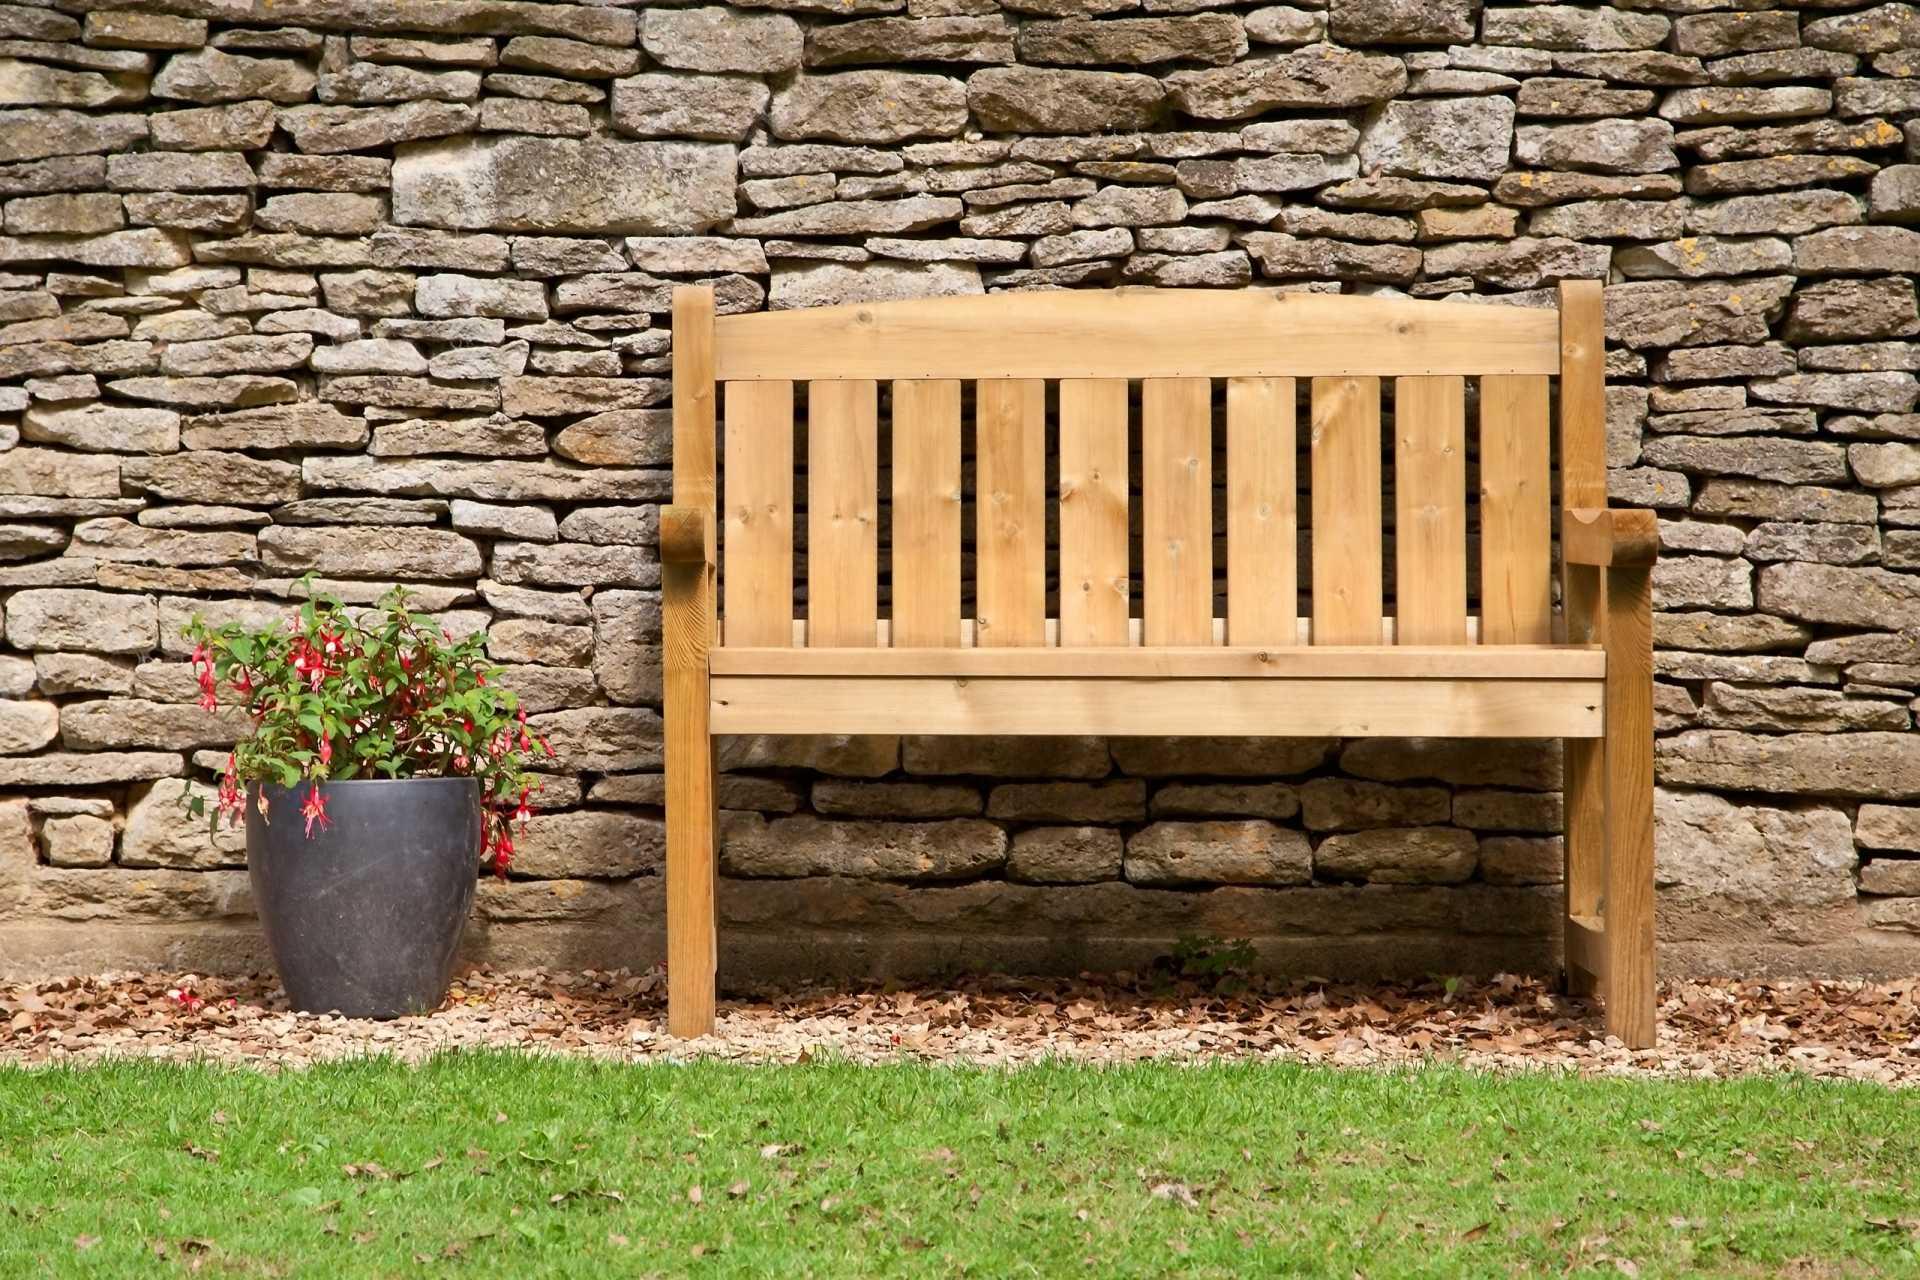 3 rustikale und klassische Holzbänke für die eigene Gartengestaltung